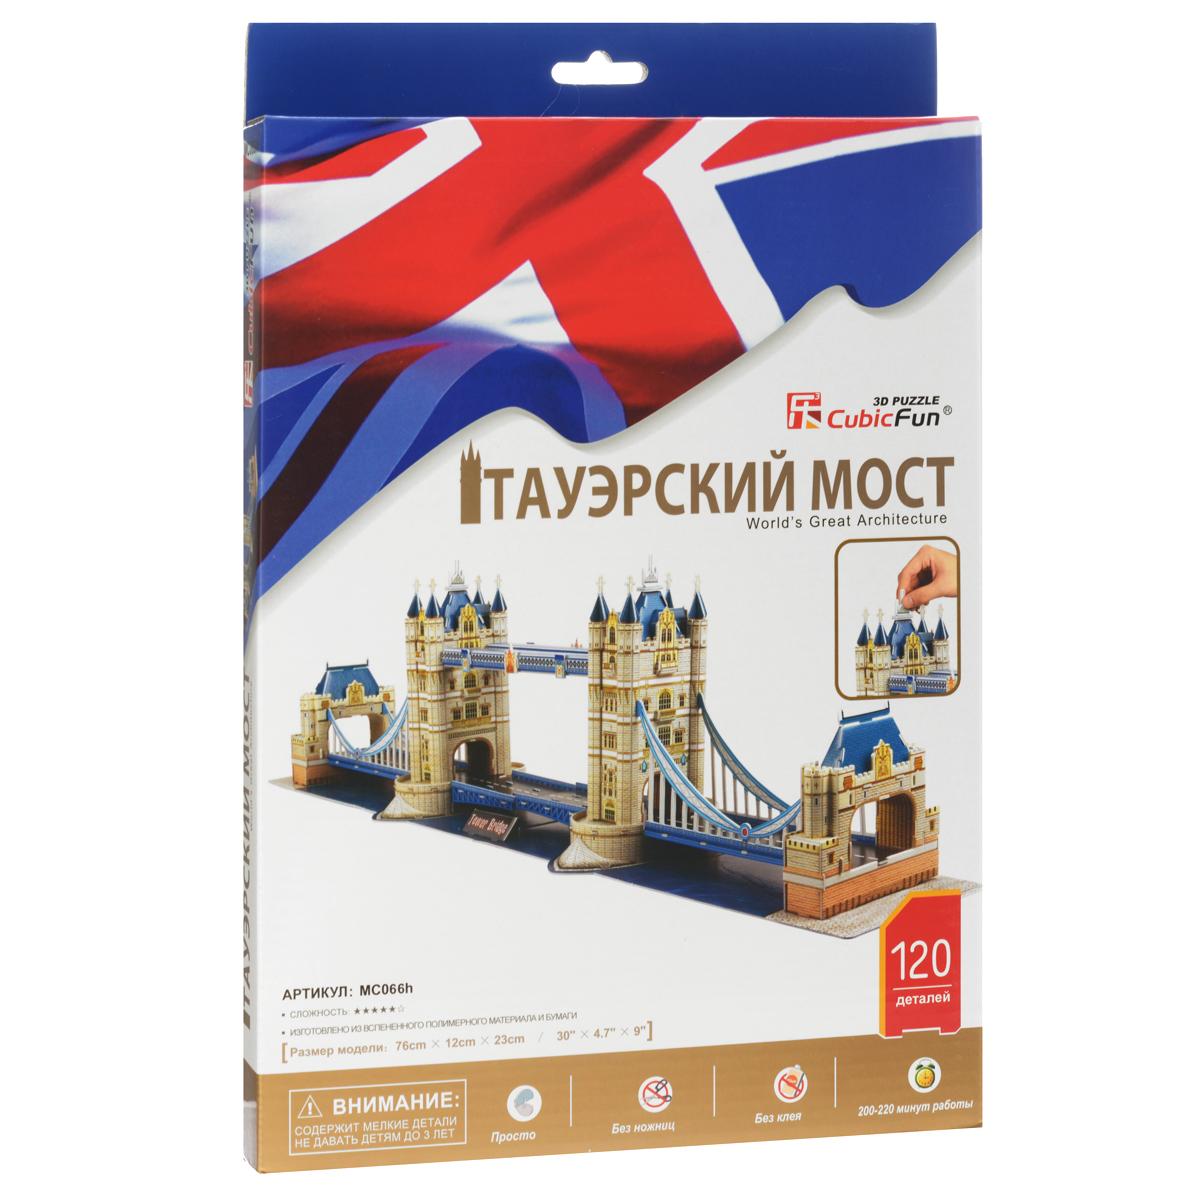 """""""Тауэрский мост"""" - уникальный конструктор-макет, с которым можно играть как дома, так и на улице. Составные элементы конструктора красочны и достаточно большие для того, чтобы даже маленькому ребенку было удобно и комфортно в него играть. Достаточно просто соединить элементы конструктора, и Вы получите объемную модель Тауэрского моста. Тауэрский мост - разводной мост в центре Лондона над рекой Темзой, недалеко от Лондонского Тауэра. Открыт в 1894 году. Мост спроектировал Гораце Джонс, он представляет собой разводной мост длиной 244 м с двумя поставленными на устои башнями высотой 65 м. Центральный пролет между башнями, длиной 61 м, разбит на два подъемных крыла, которые для пропуска судов могут быть подняты на угол 83°. Каждое из более чем тысячетонных крыльев снабжено противовесом, минимизирующим необходимое усилие и позволяющим развести мост за одну минуту. В движение пролет приводится с помощью гидравлической системы, первоначально водяной, с рабочим давлением 50 бар. Вода..."""